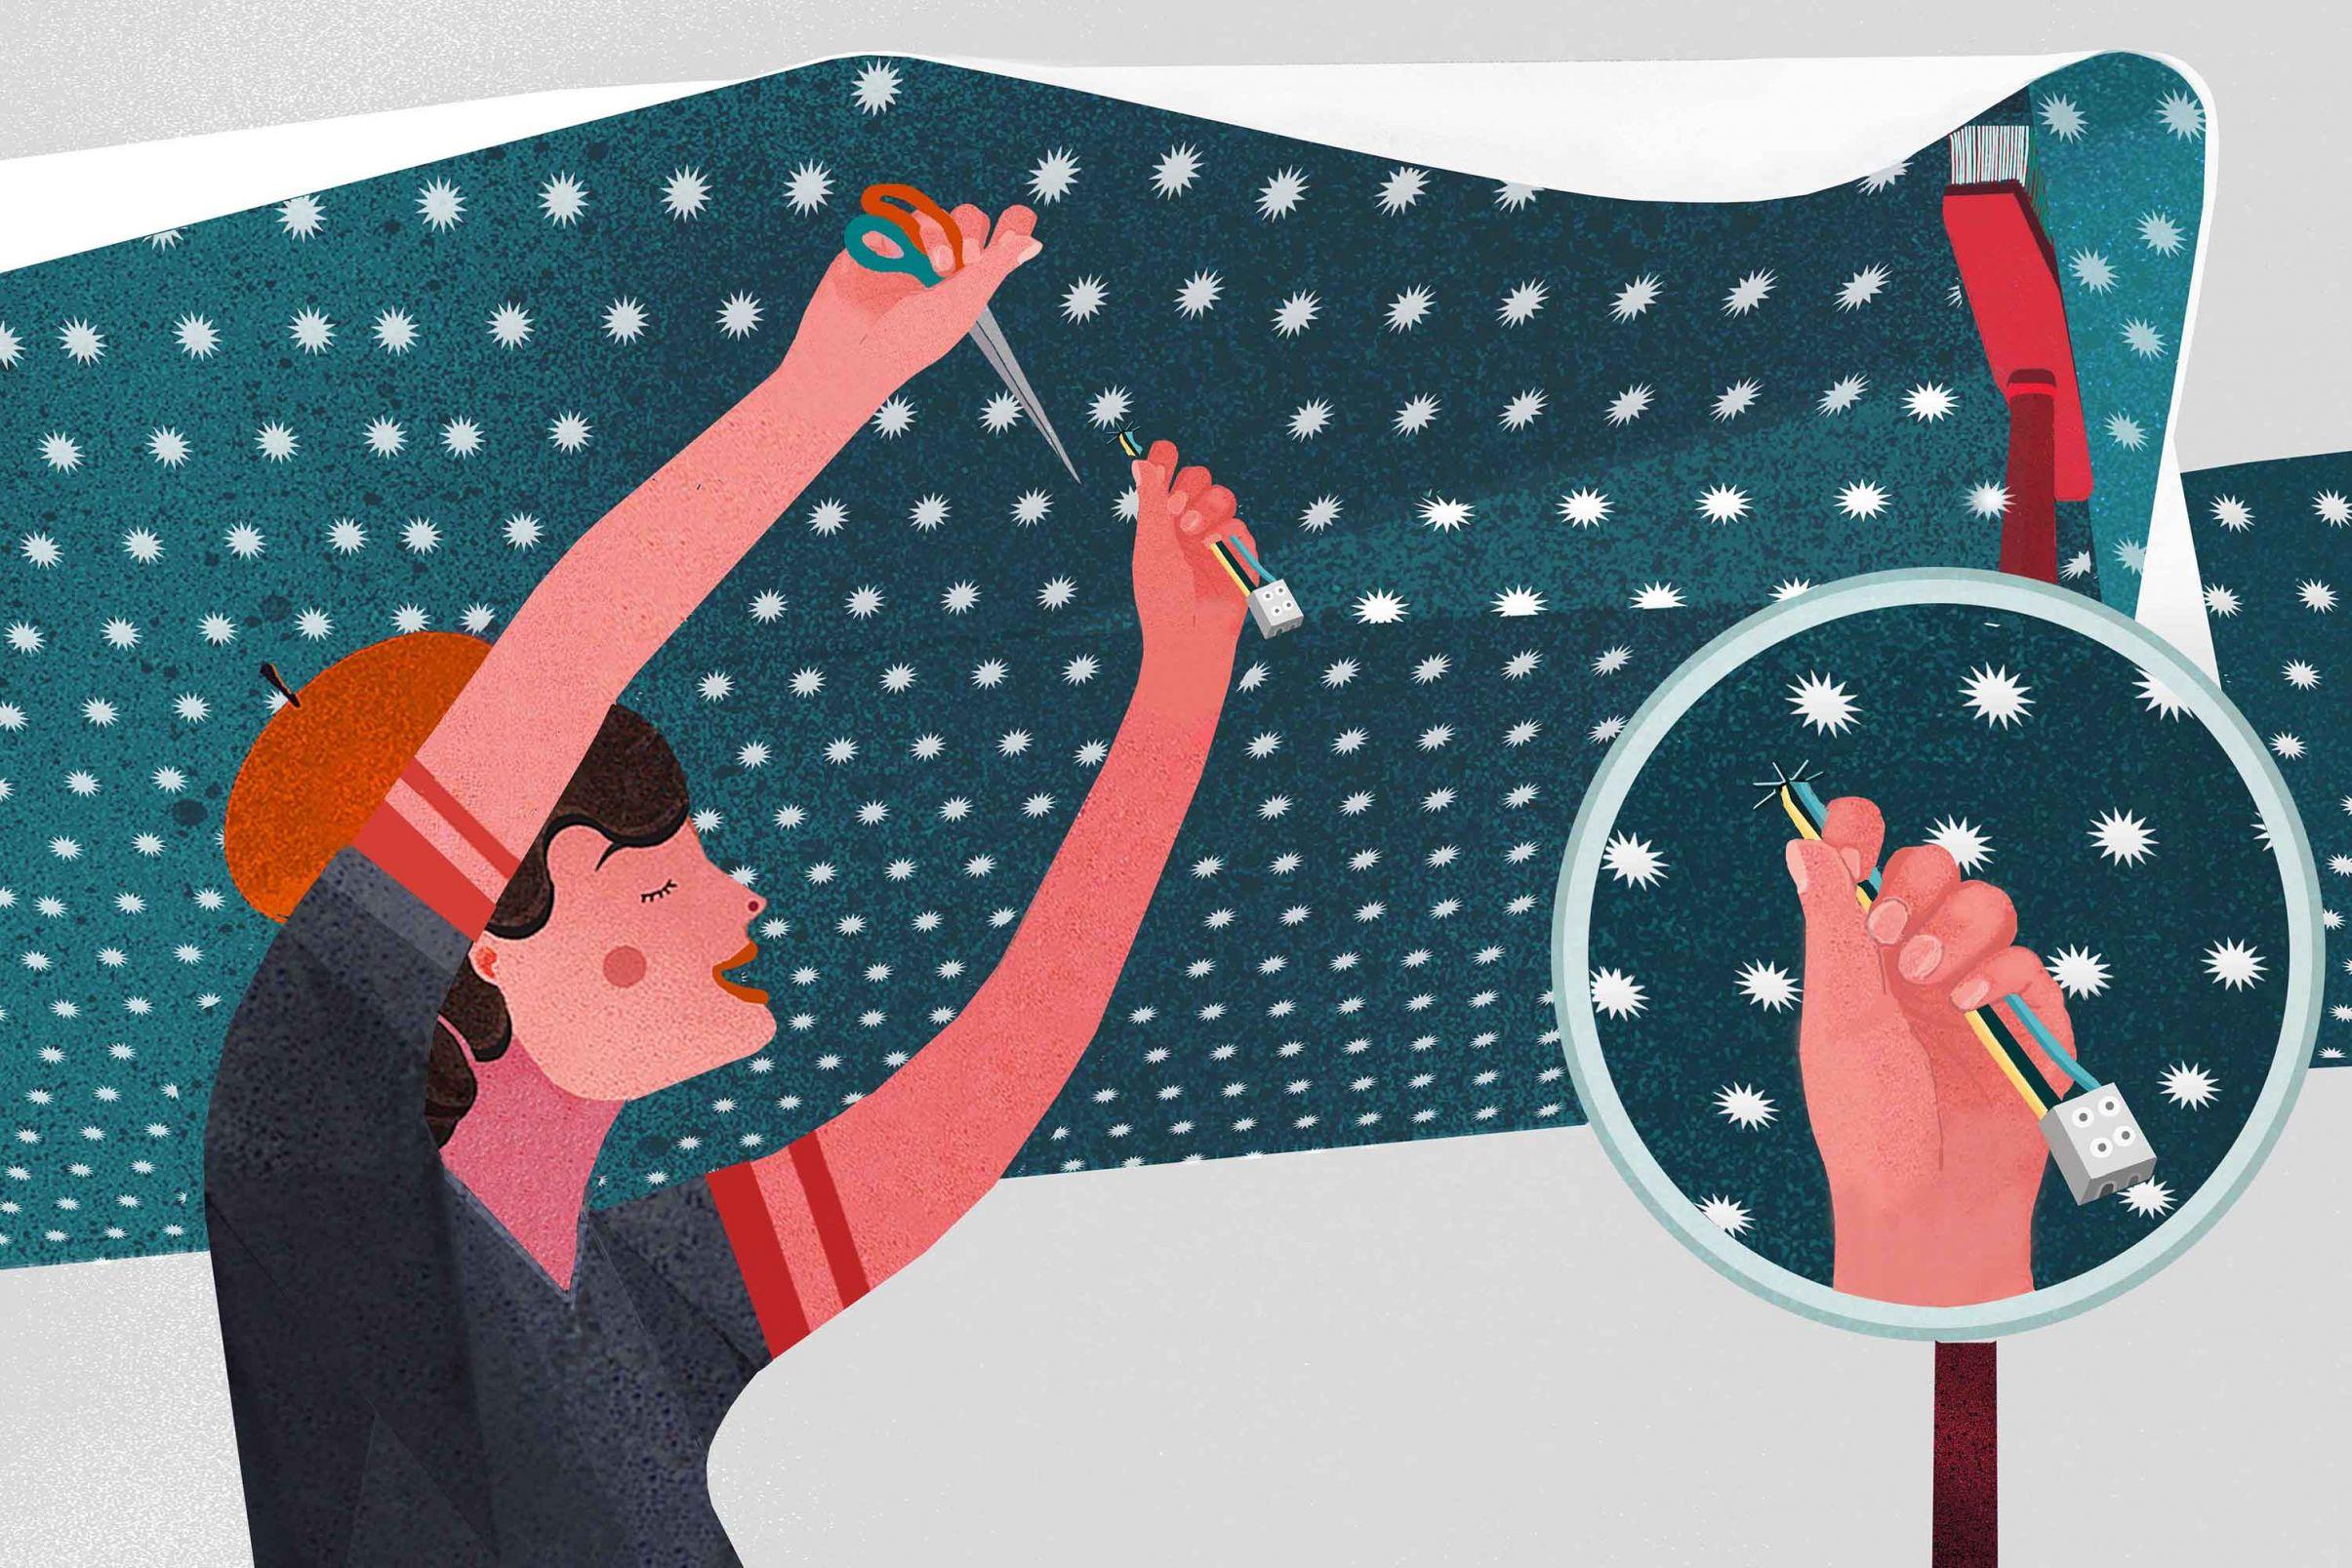 Come-tappezzare-il-soffitto-Ritagliare-un-buco-per-l-armatura-per-l-illuminazione